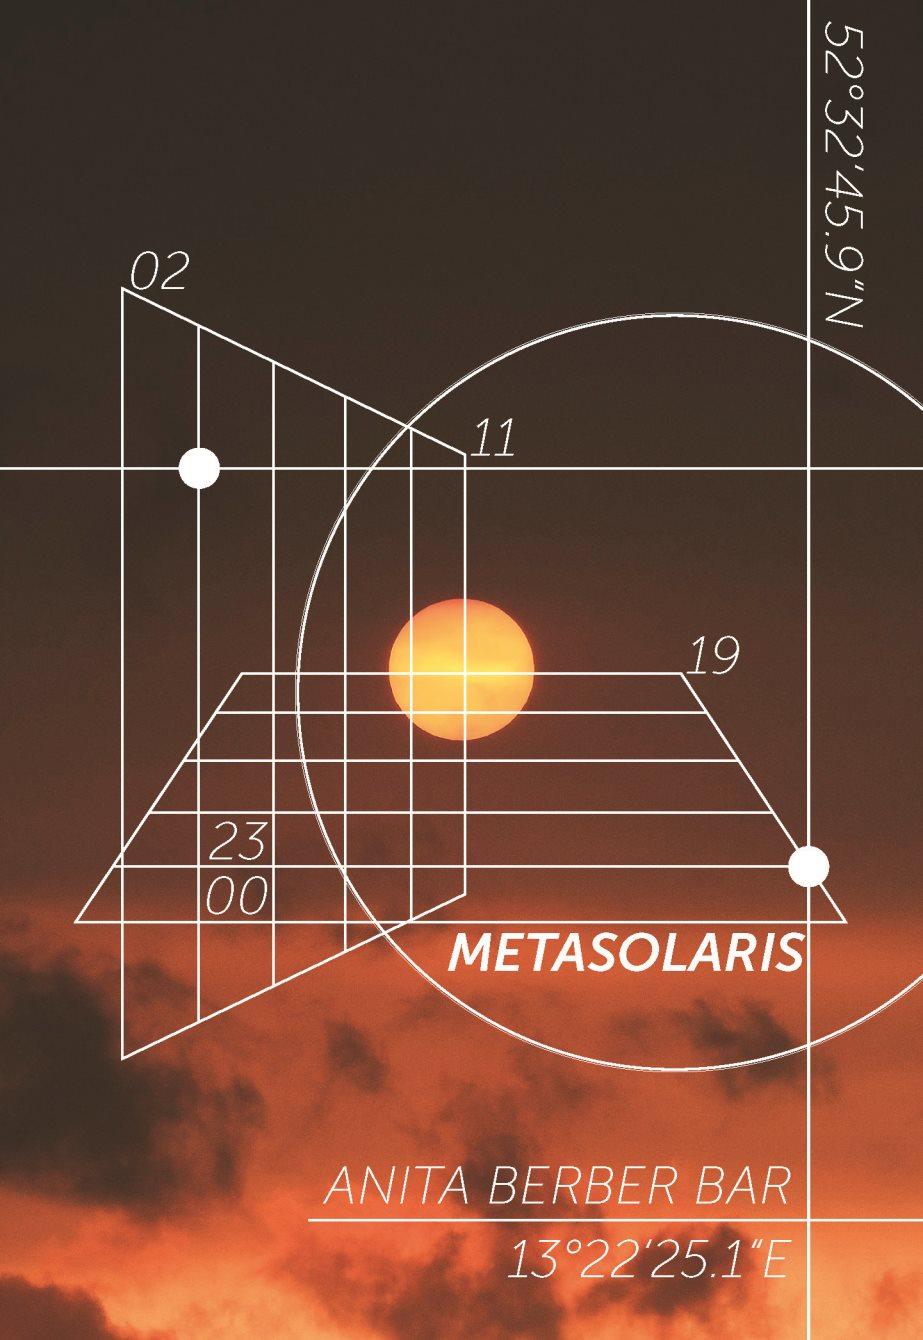 Metasolaris - Flyer front